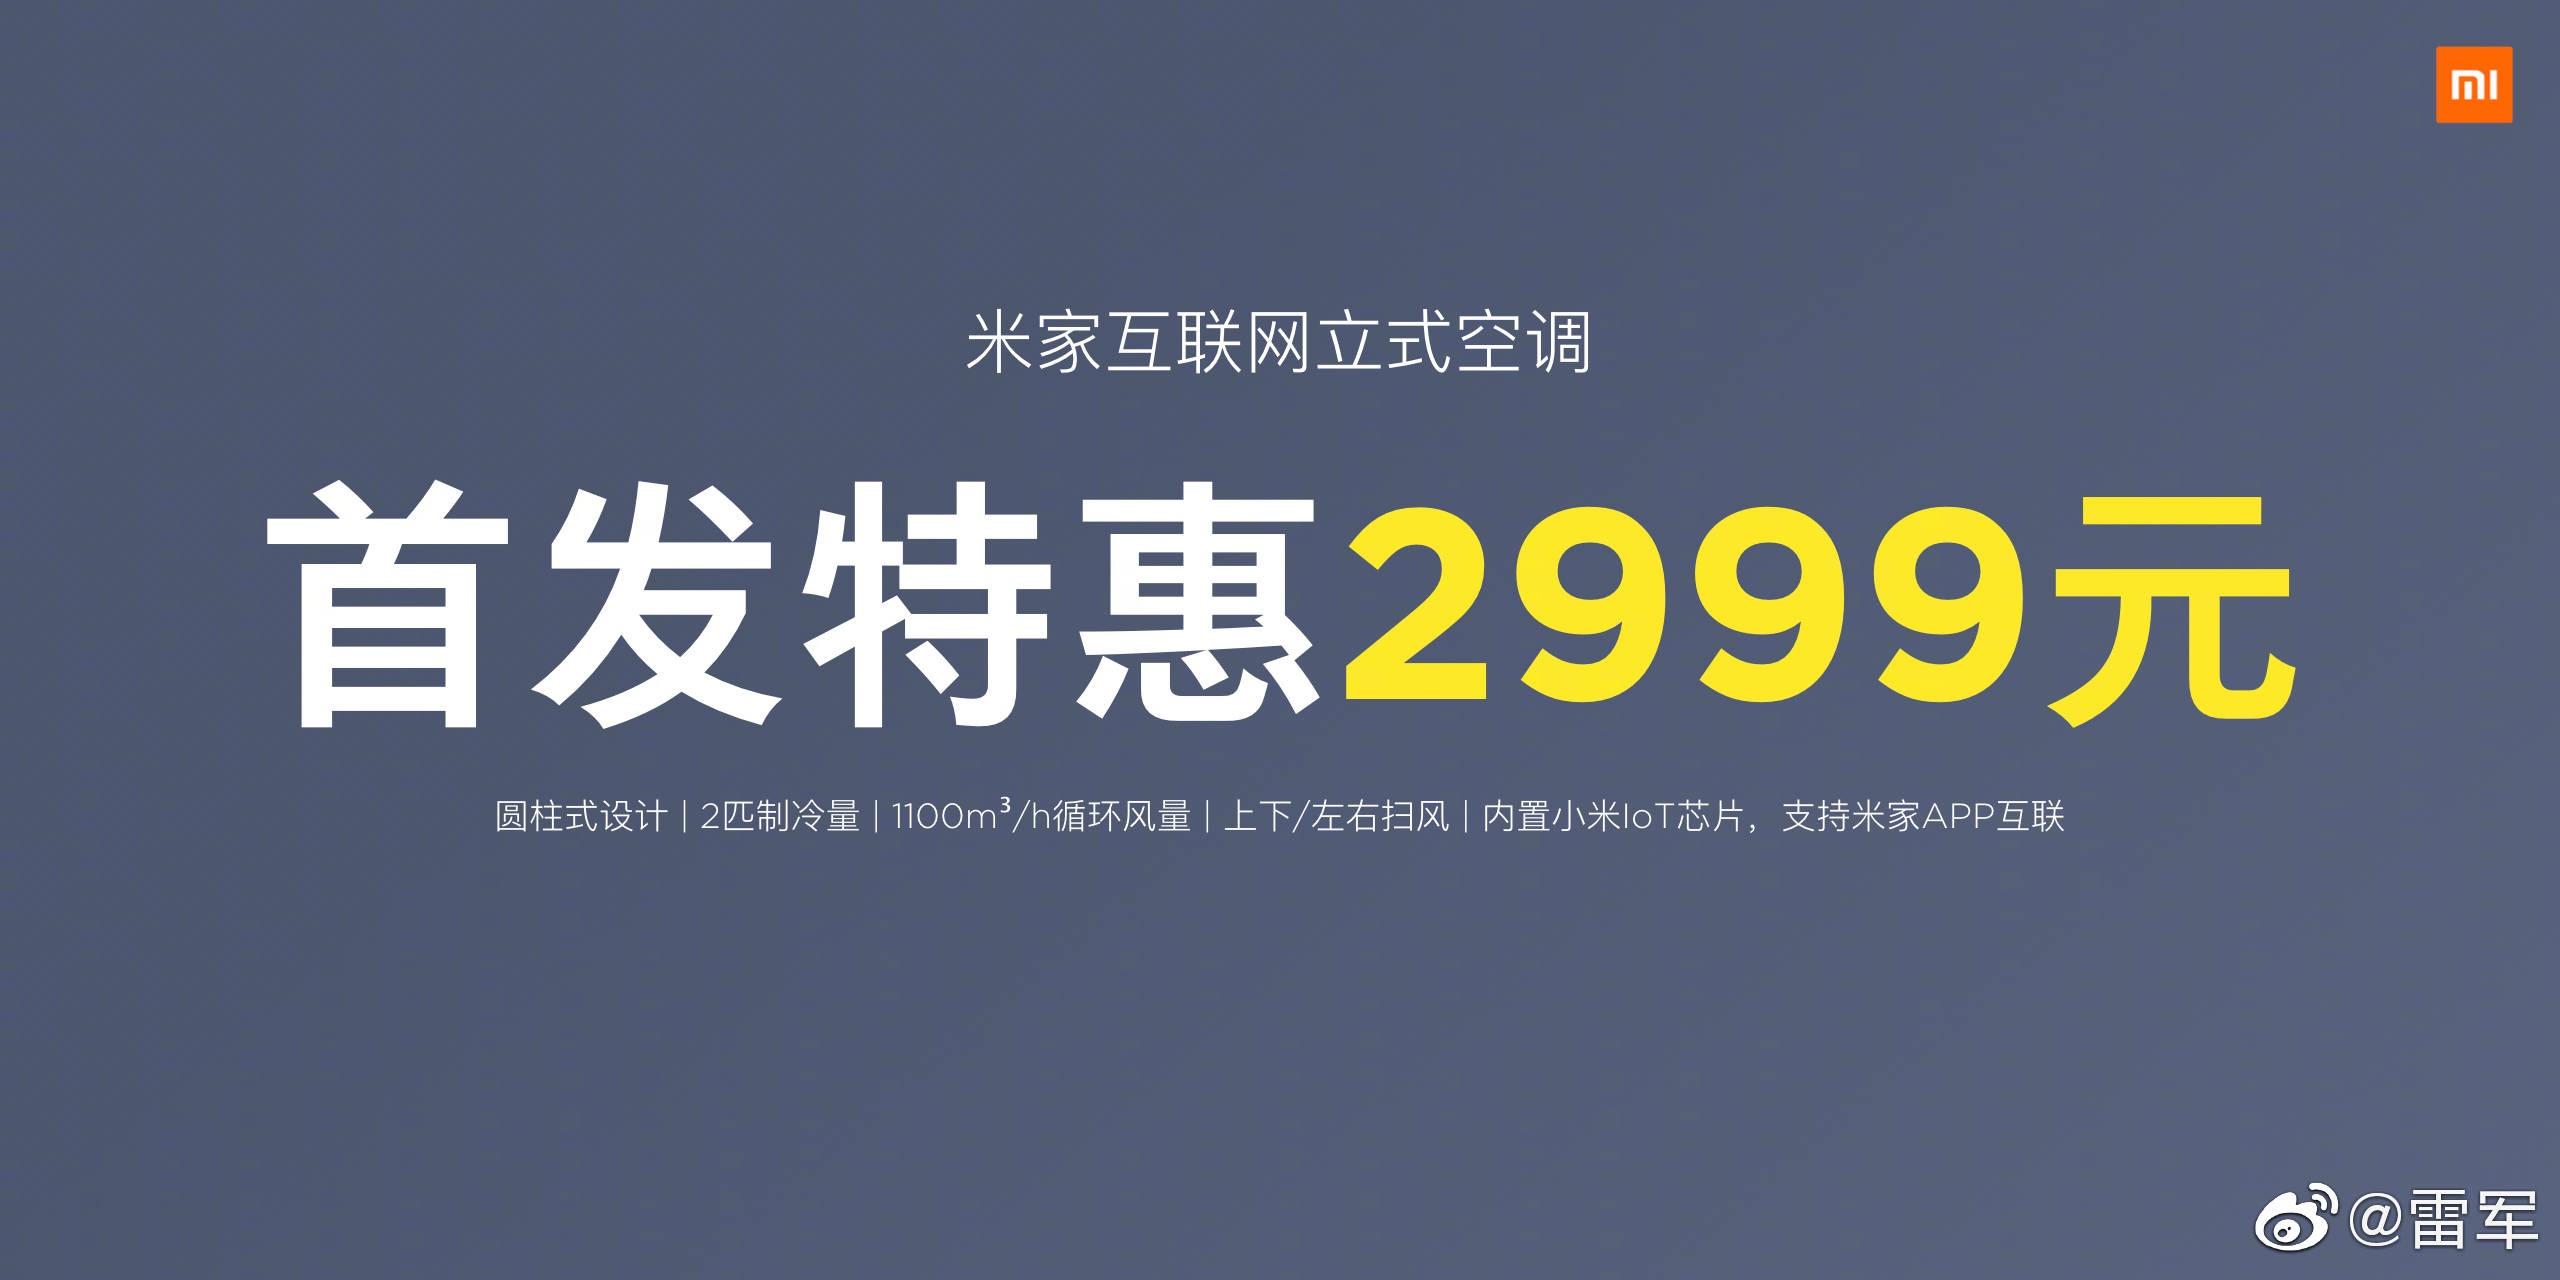 Xiaomi Mijia Air Conditioner Vertical aire acondicionado caracteristicas especificaciones y precio. Noticias Xiaomi Adictos